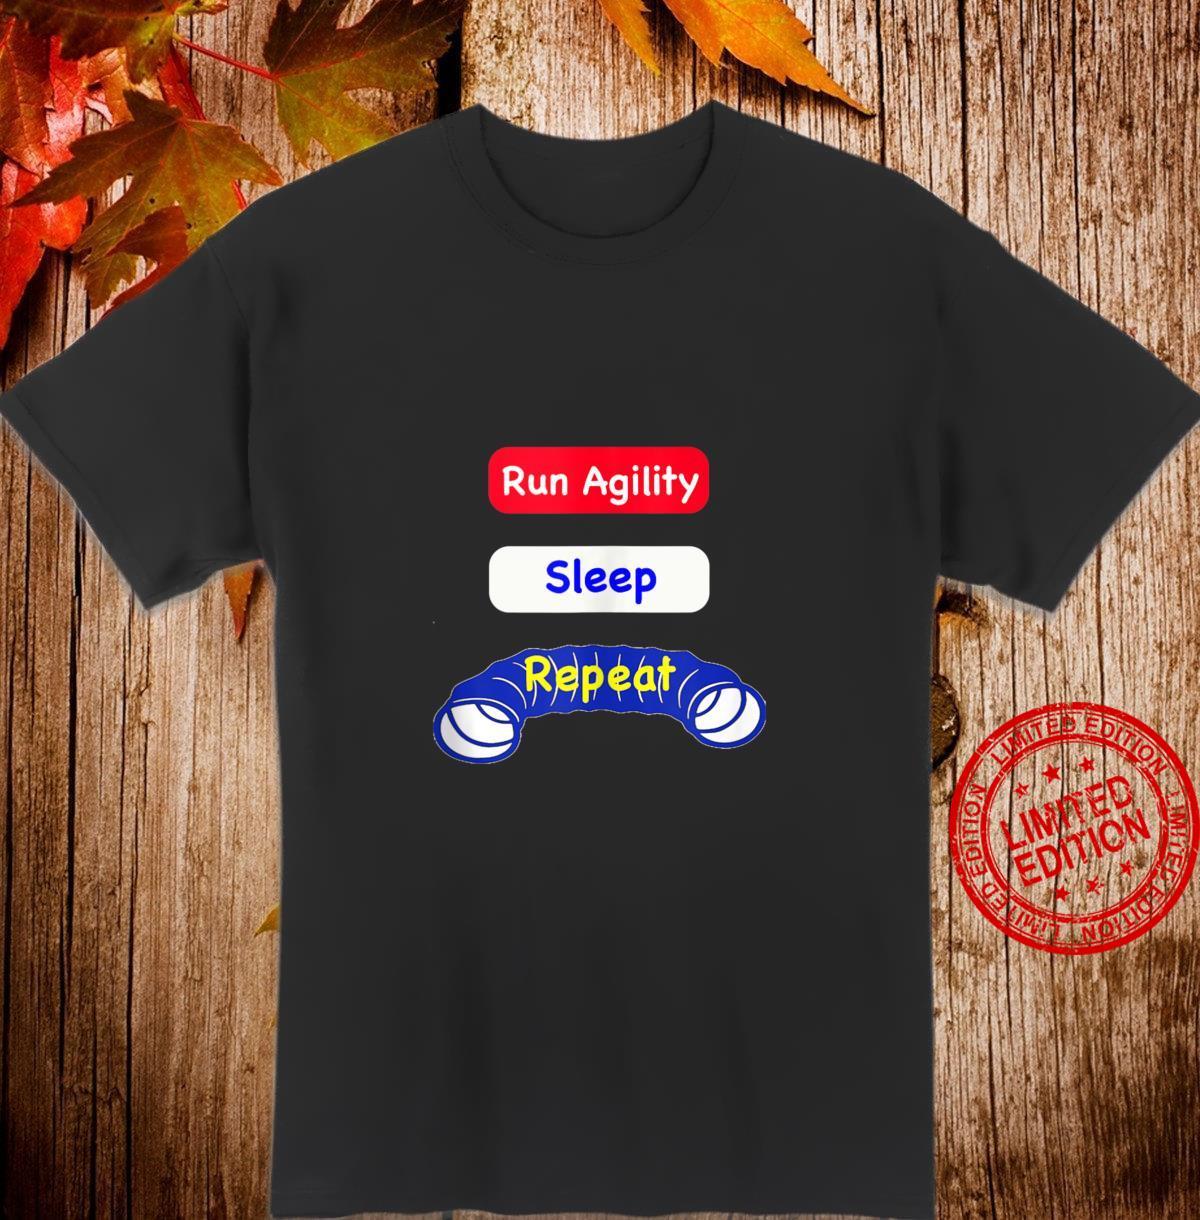 Agility Shirt Run Agility, Sleep, Repeat Shirt